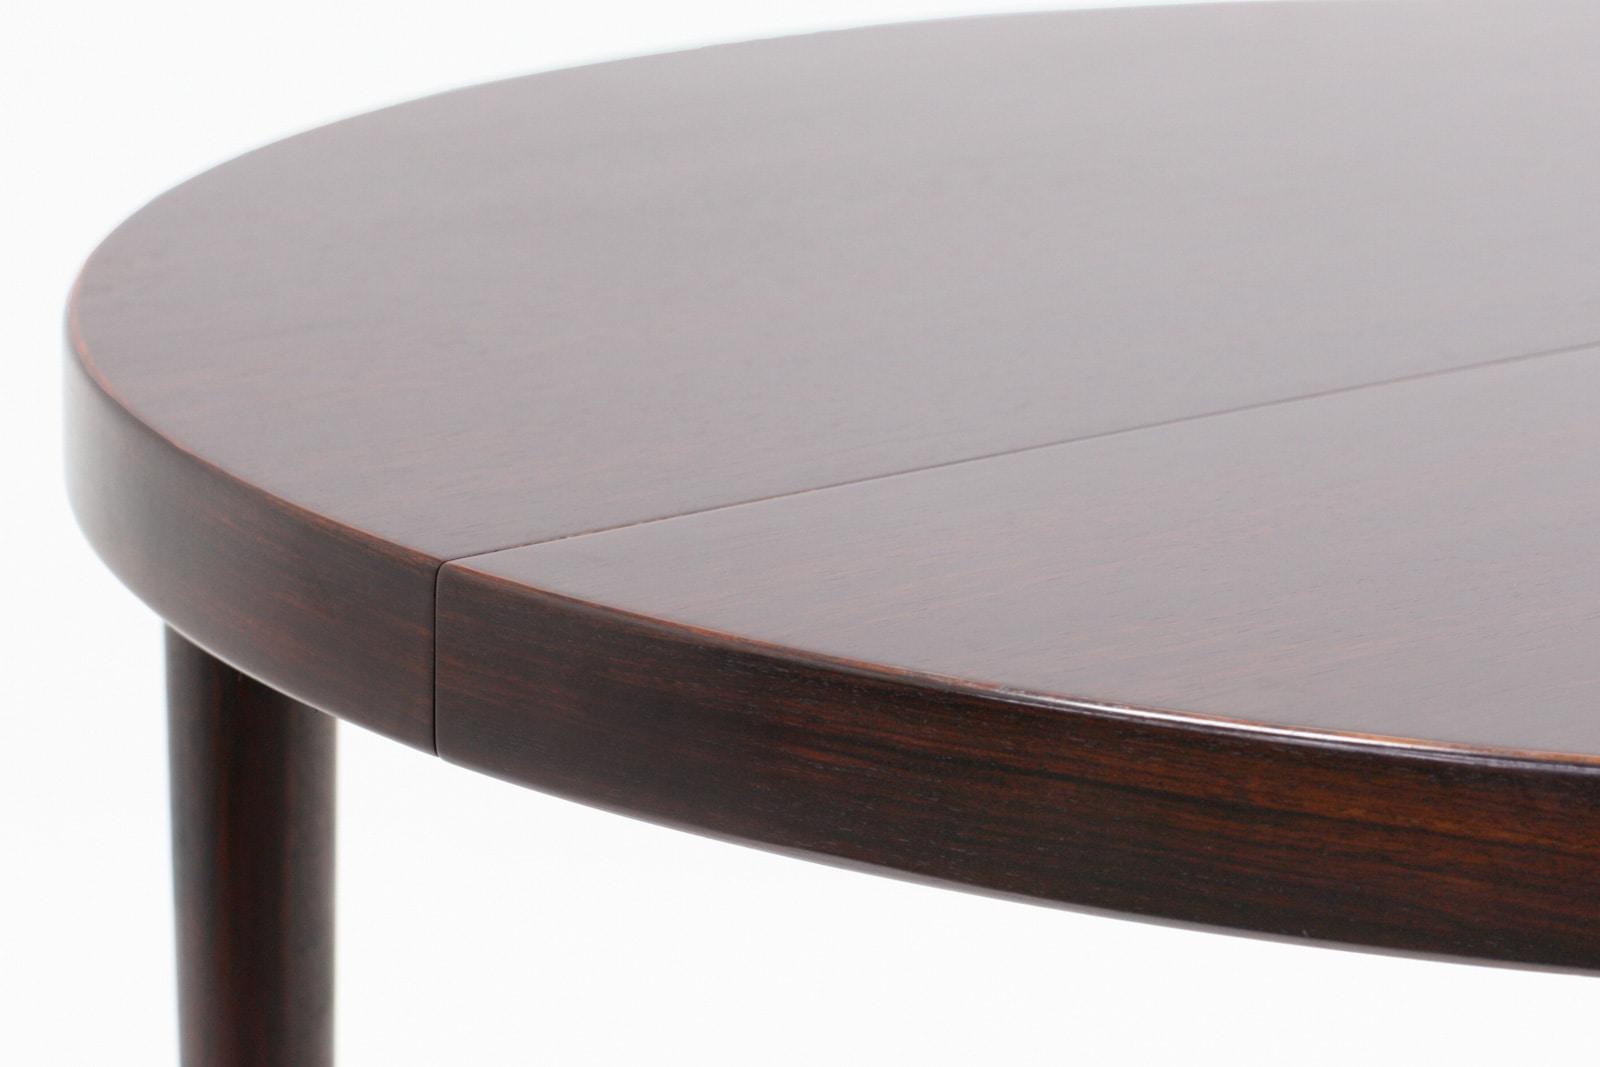 北欧,ヴィンテージ,家具,カイクリスチャンセン,丸型,ダイニングテーブル